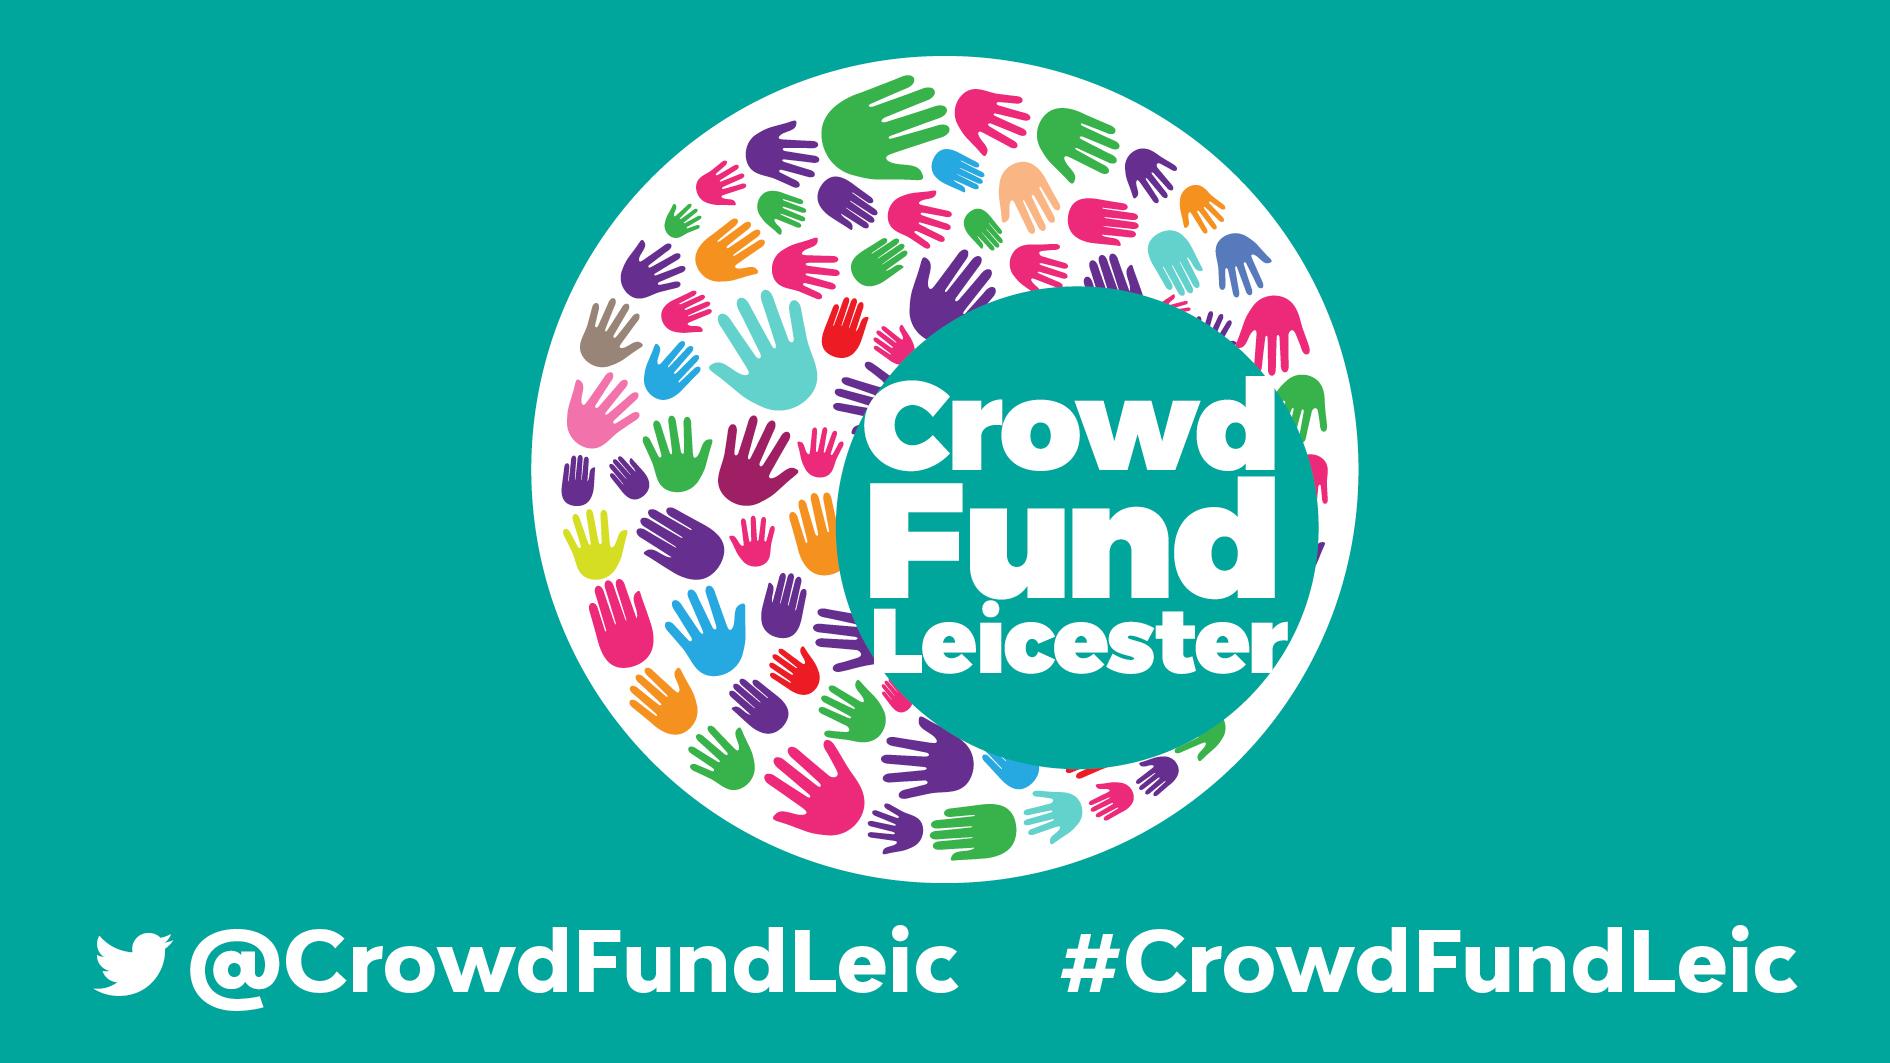 CrowdFund Leicester